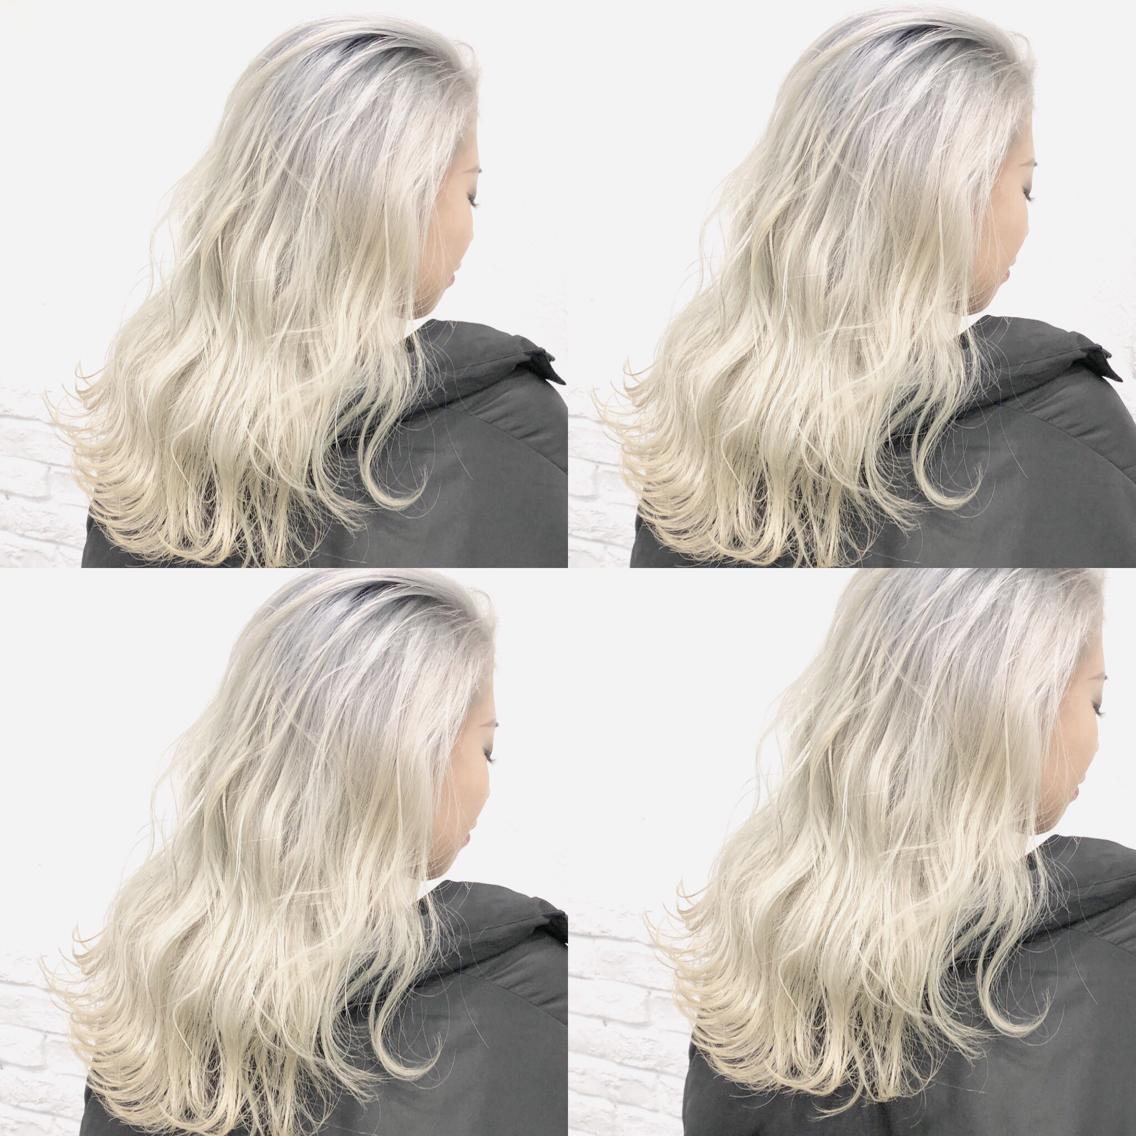 #カラー ホワイト🇰🇷  ・perfect White・ ✳︎10800円〜✳︎ ✳︎minaでブリーチ3〜5回出来れば綺麗なホワイトヘアを作れます👻 ✳︎ ✳︎ダメージが強いとブリーチが出来ない場合もあるのでご了承ください ✳︎ムラシャンはエンシェールズのシャンプーを薄めて使うのがオススメ🧖🏻♀️ ✳︎ ✳︎黒染めや縮毛、デジパをしていなくてダメージがひどくなければおおよそ4〜5回ブリーチで出来ます🦄✳︎ 最後まで可愛く仕上げます🇰🇷 ✳︎ お店の近くにあるティファニーカフェで映えな写真もプレゼントします🦄 ✳︎ ✳︎黒染め履歴、ダメージが強い方はでホワイトにはならないです💦  #原宿#ハイトーンカラー#シルバーカラー#ヘアカラー#ネイビーカラー#ホワイトカラー#ブロンドヘアー#アッシュ#ケアブリーチ#ブロンドカラー#派手髪#ラベンダーカラー#ミルクティーカラー#アッシュ#ミルクティーベージュ#ブルージュ#グレージュ#ピンクカラー#インナーカラー#ハイライトカラー#グラデーションカラー#bts#seventeen#twice ✳︎ ✳︎ ✳︎